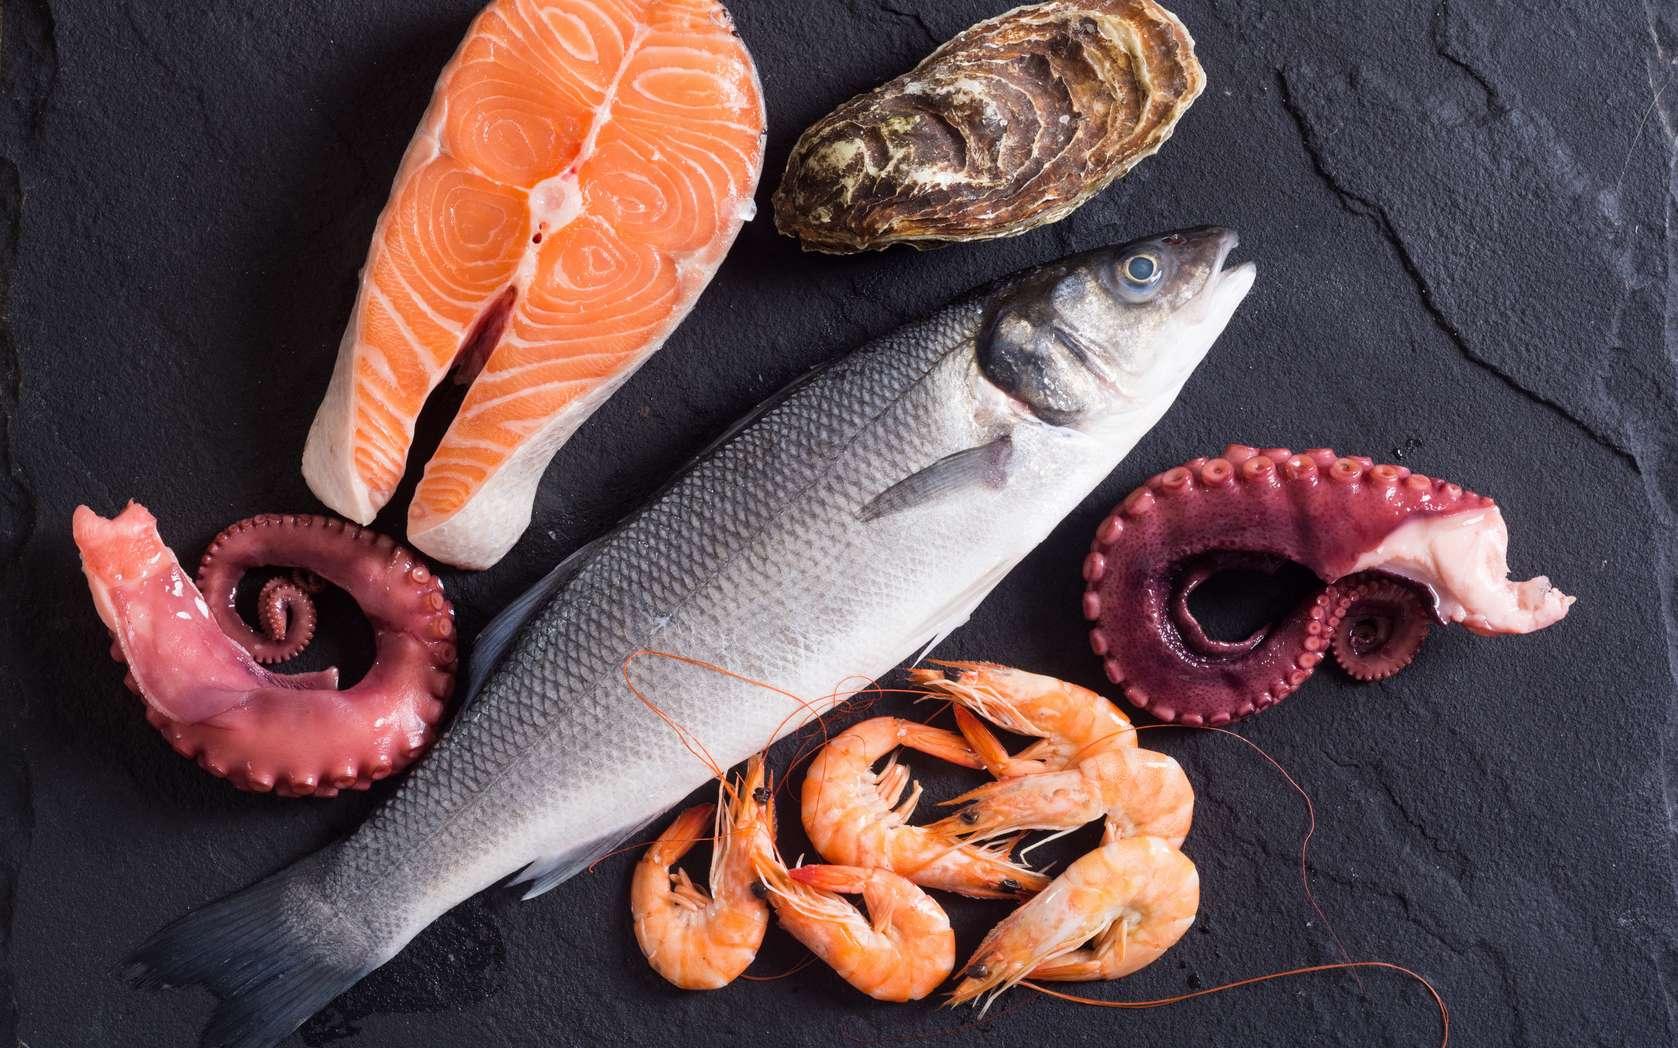 Ce ar trebui să mâncăm pentru a reduce riscul de cancer?